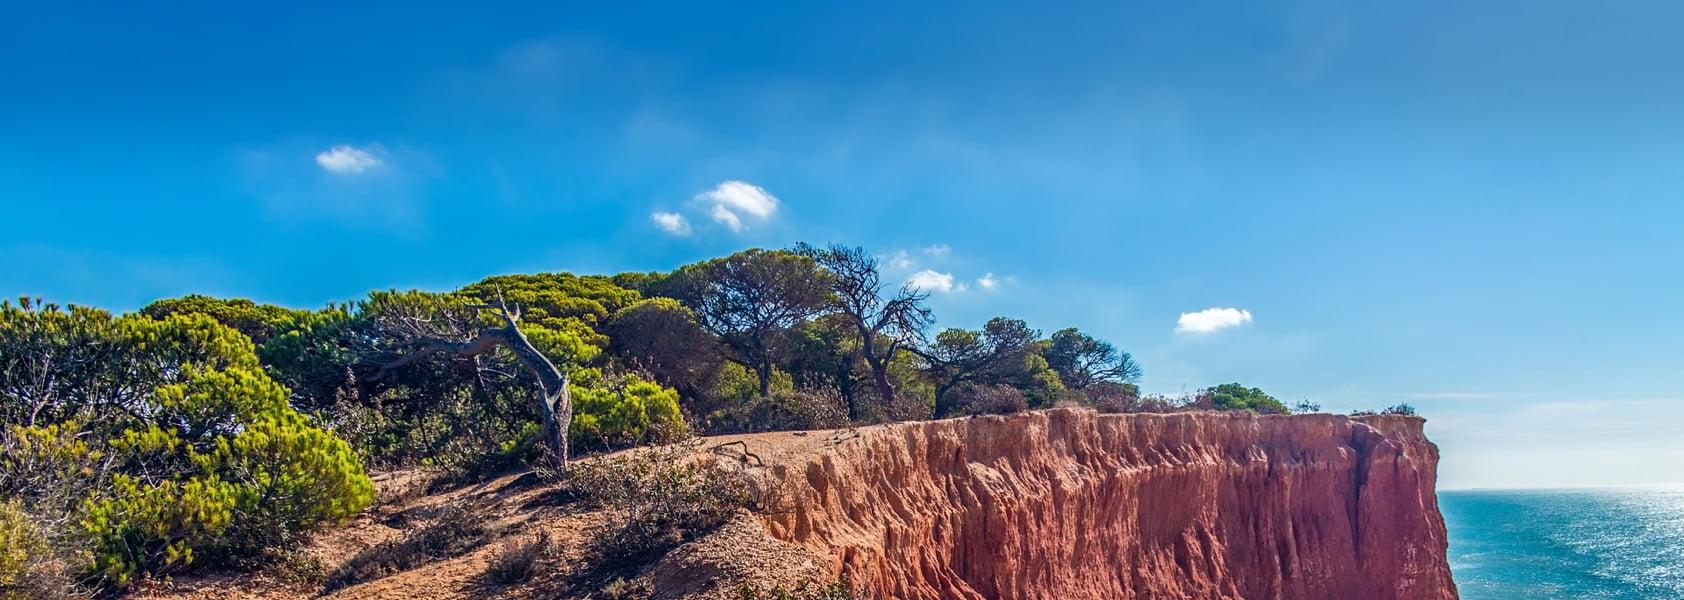 Portugal | Wandelen in de Algarve met huurauto